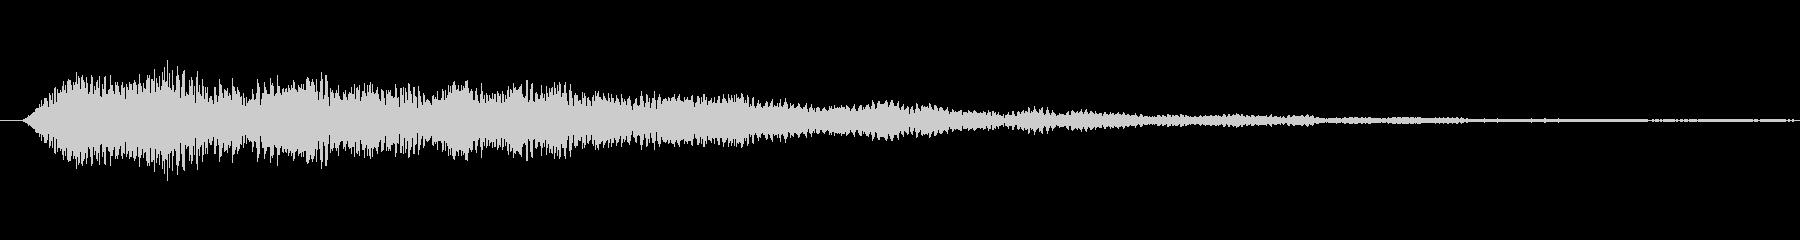 パアァ……【光、魔法、回復、お題表示】の未再生の波形